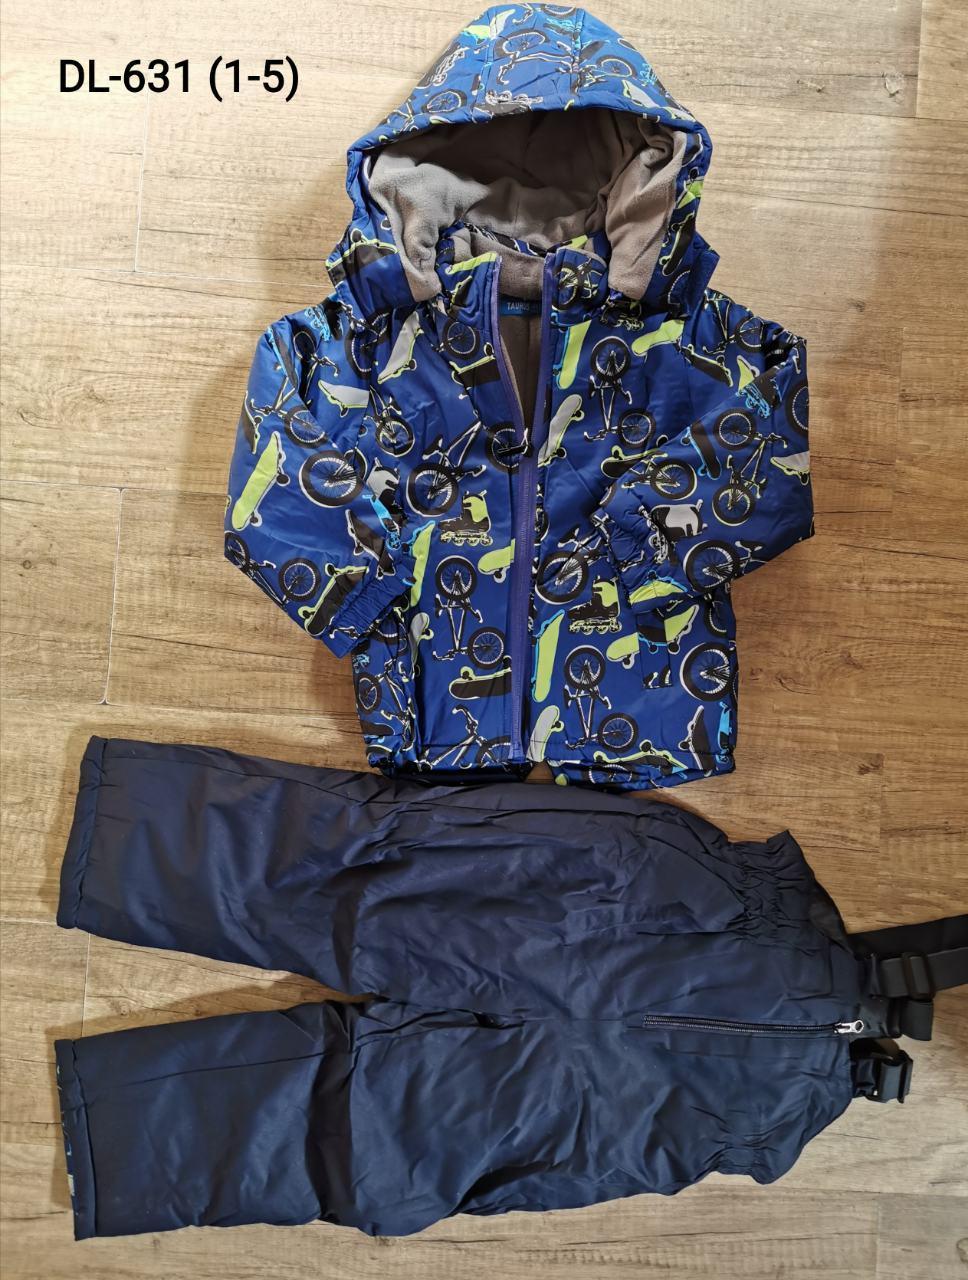 Комбинезон с курткой для мальчиков оптом Taurus размеры 1-5 лет  арт. DL-631